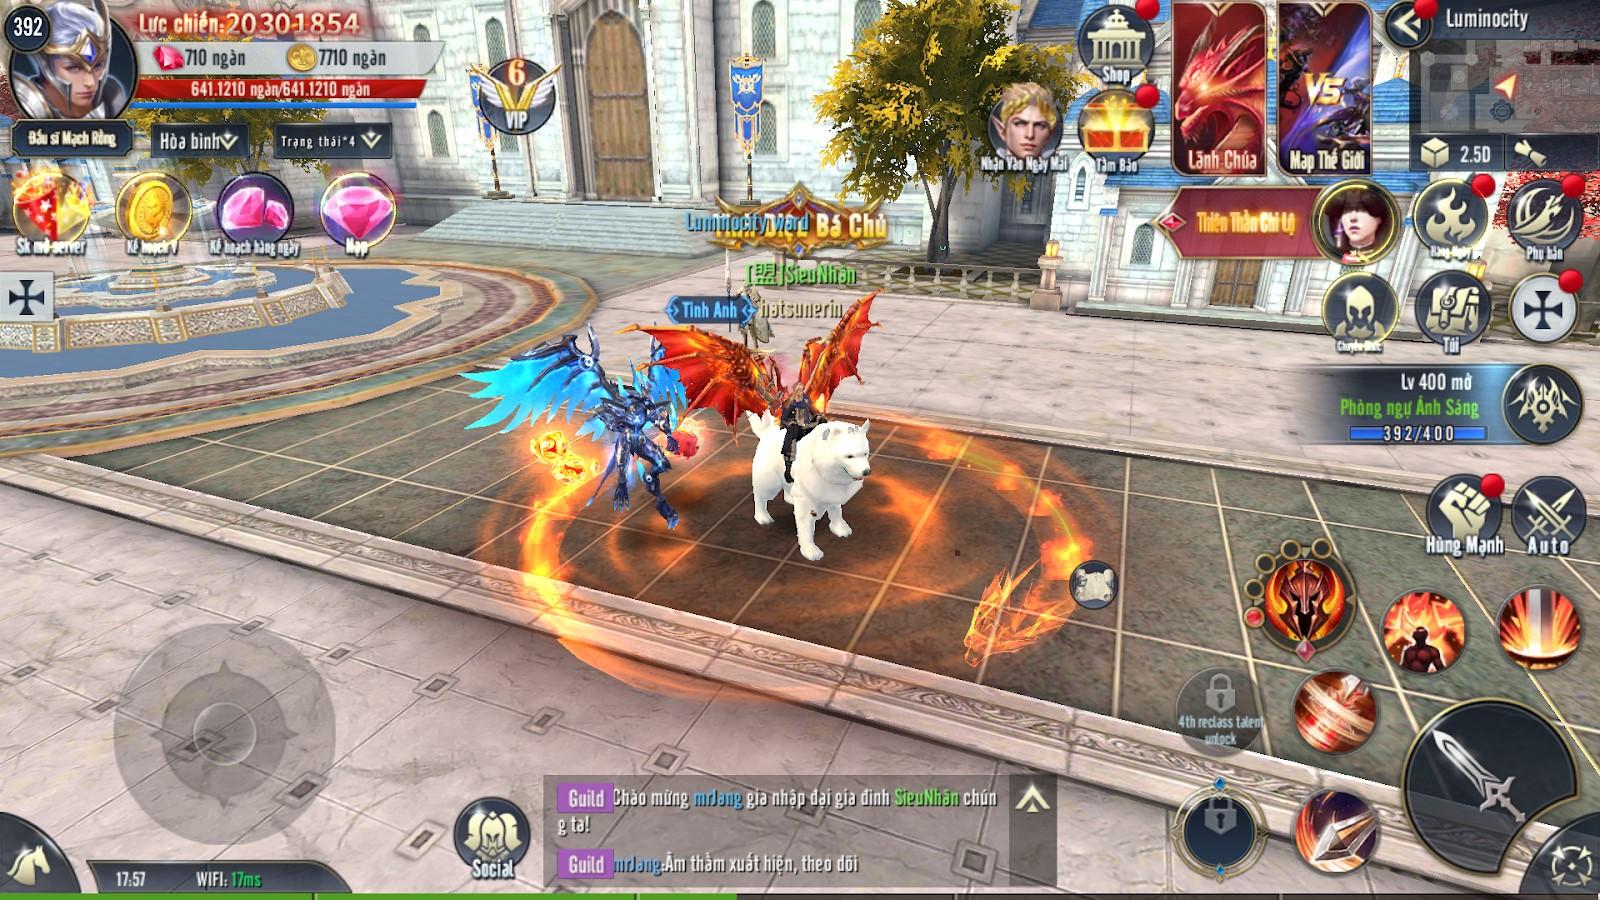 Vùng Đất Bí Ẩn - Land Of Doran Việt Nam sở hữu gameplay đột phá cỡ nào mà chưa ra mắt đã có sẵn cộng đồng mê đắm ngóng chờ?